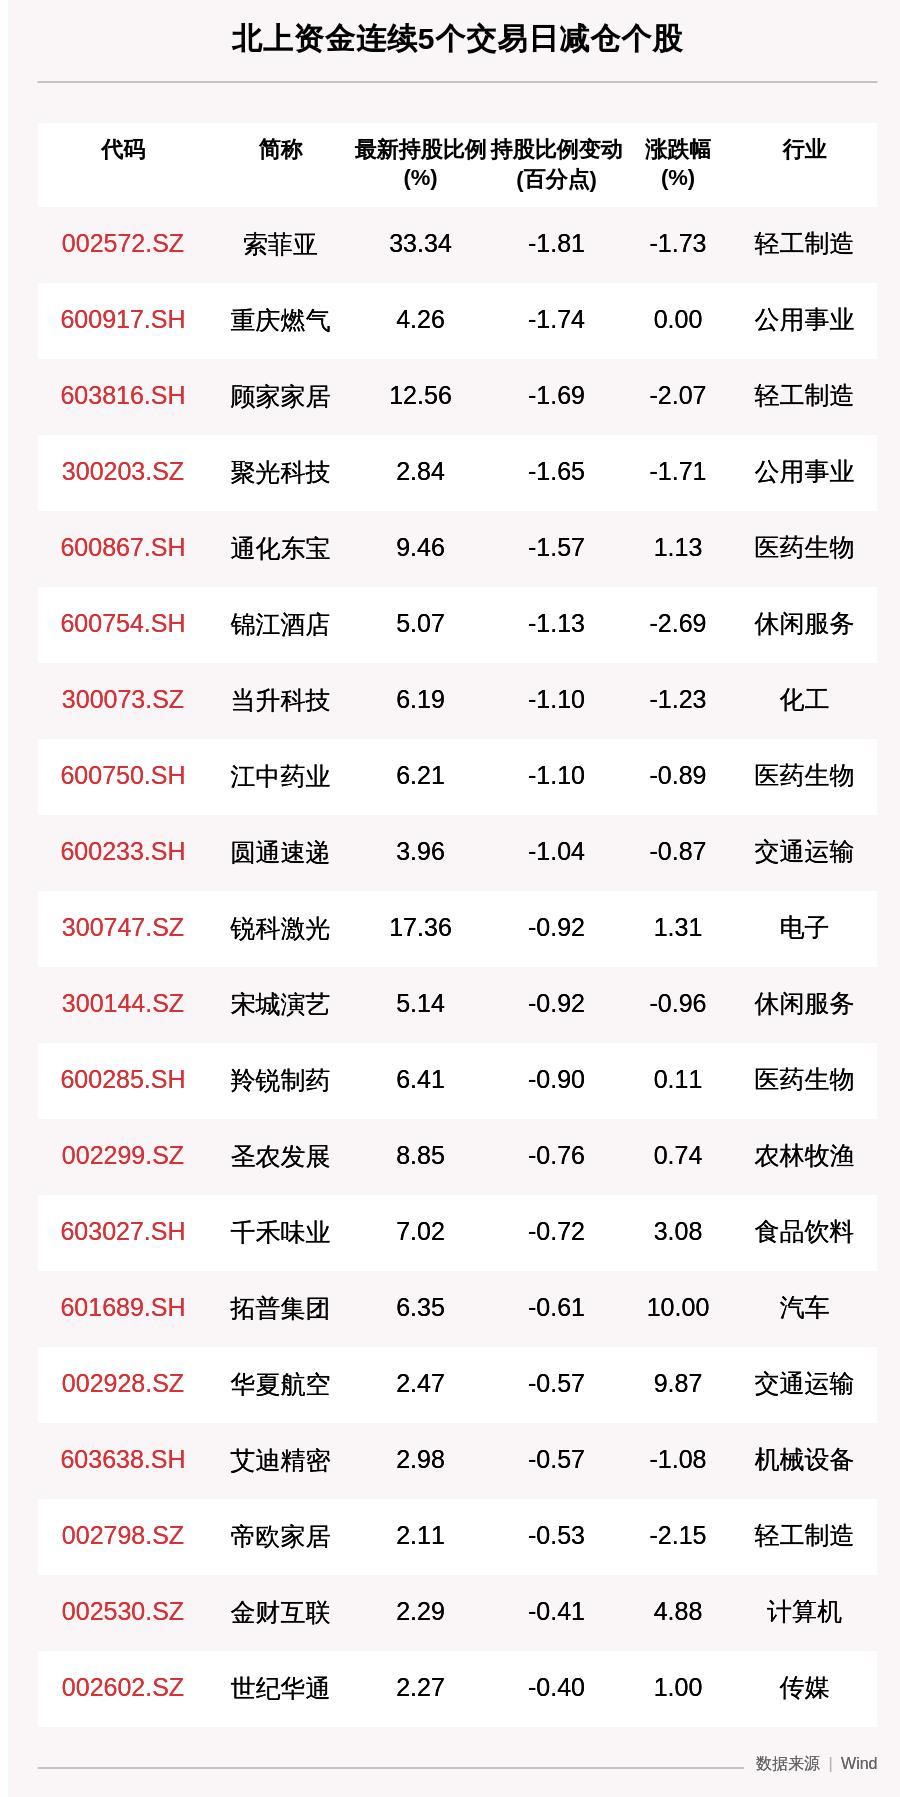 揭秘北上资金:连续5日减仓25只个股(附部分名单)